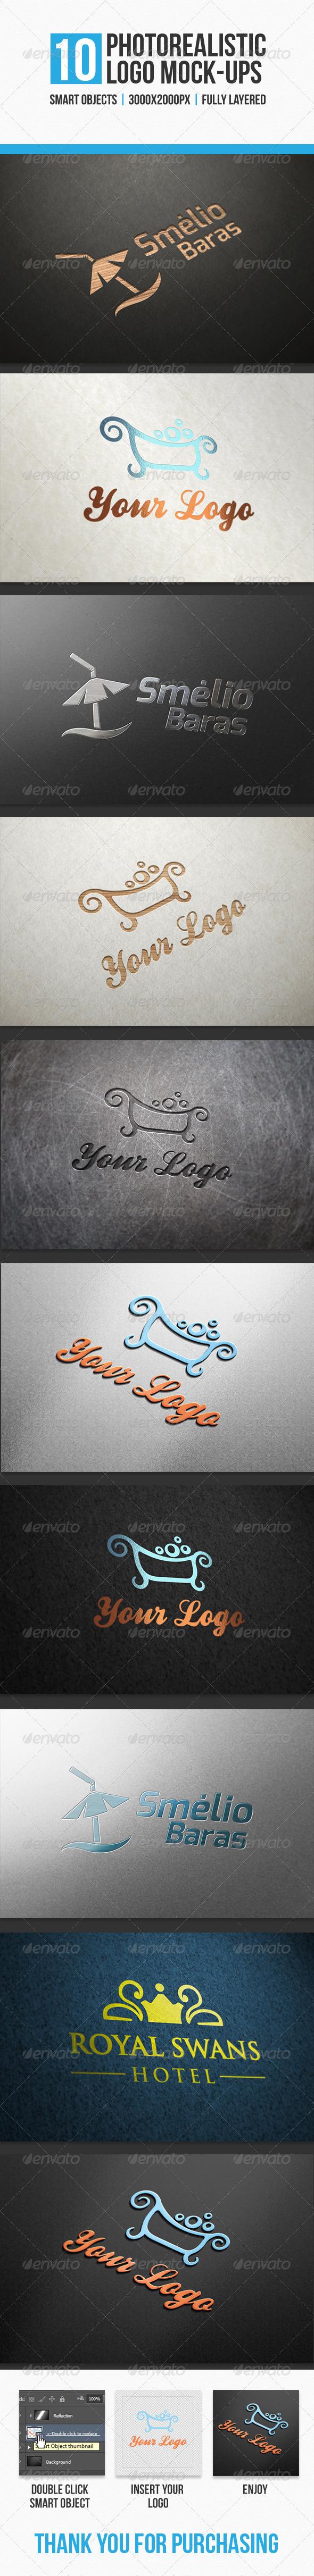 10 Photorealistic Logo Mock-Ups - Logo Product Mock-Ups